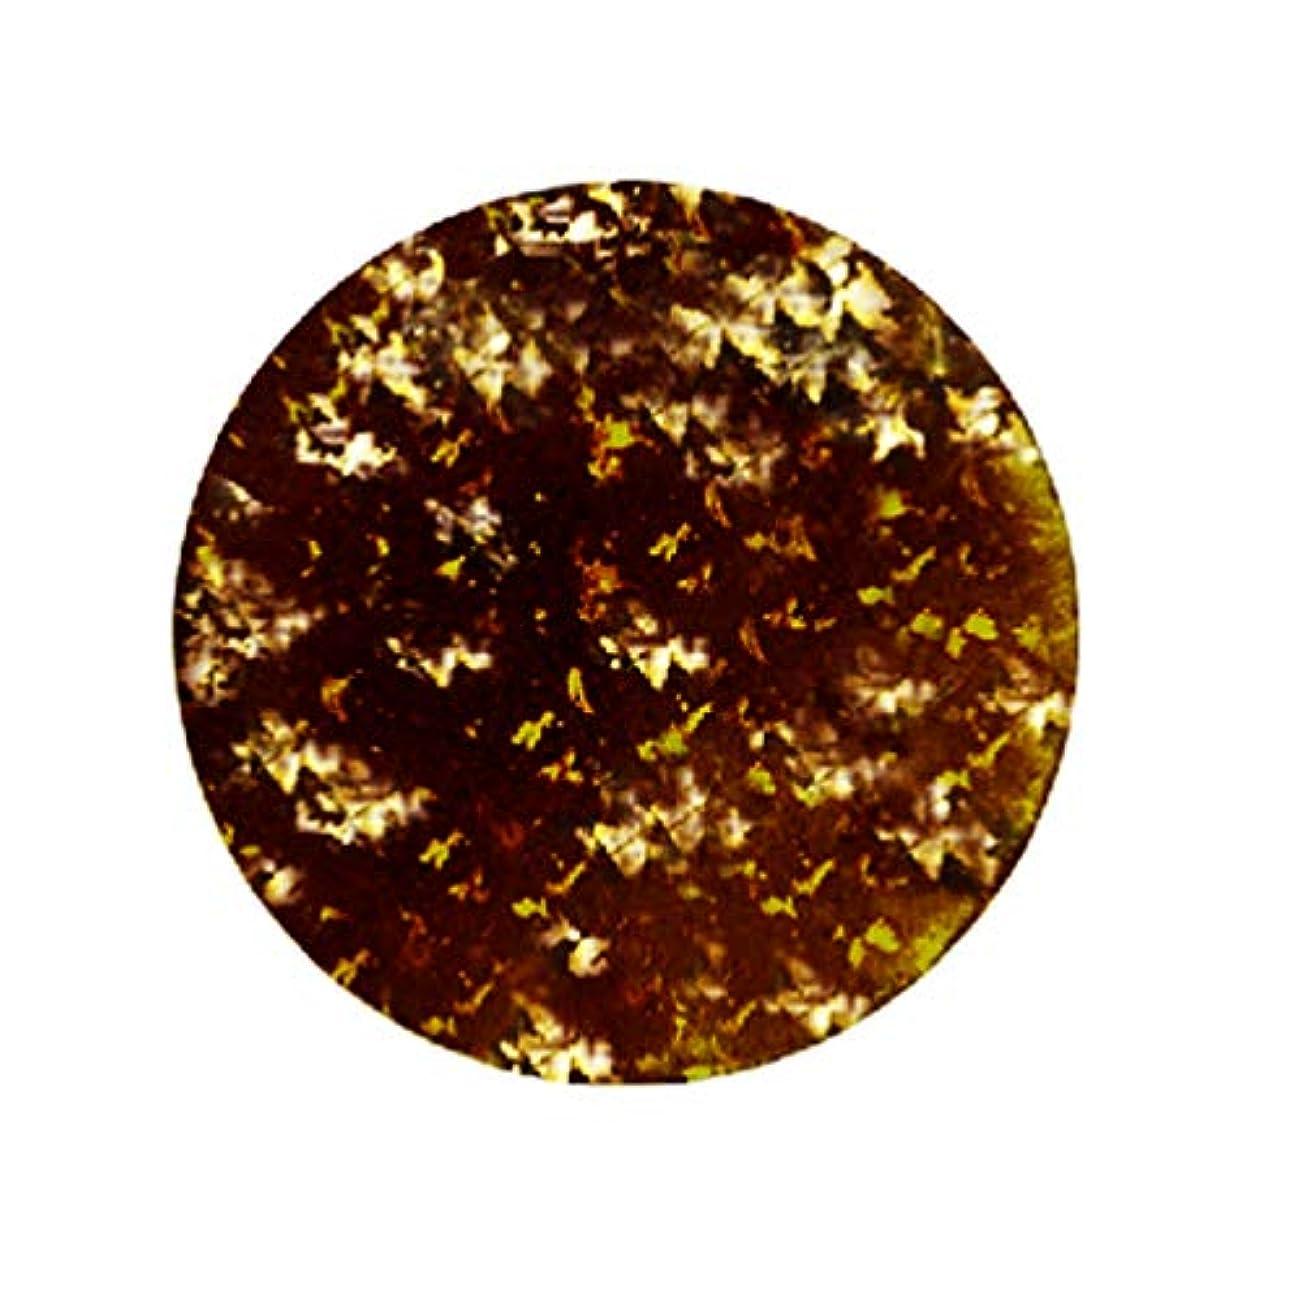 ウナギシプリー排除[Cooing Soap] クイン ソープ ノニ(ヤエヤマアオキ) ゴールド ソープ Noni Gold Soap 石鹸 洗顔 - Premium Handmade Soap Natural Soap Bar for Face...